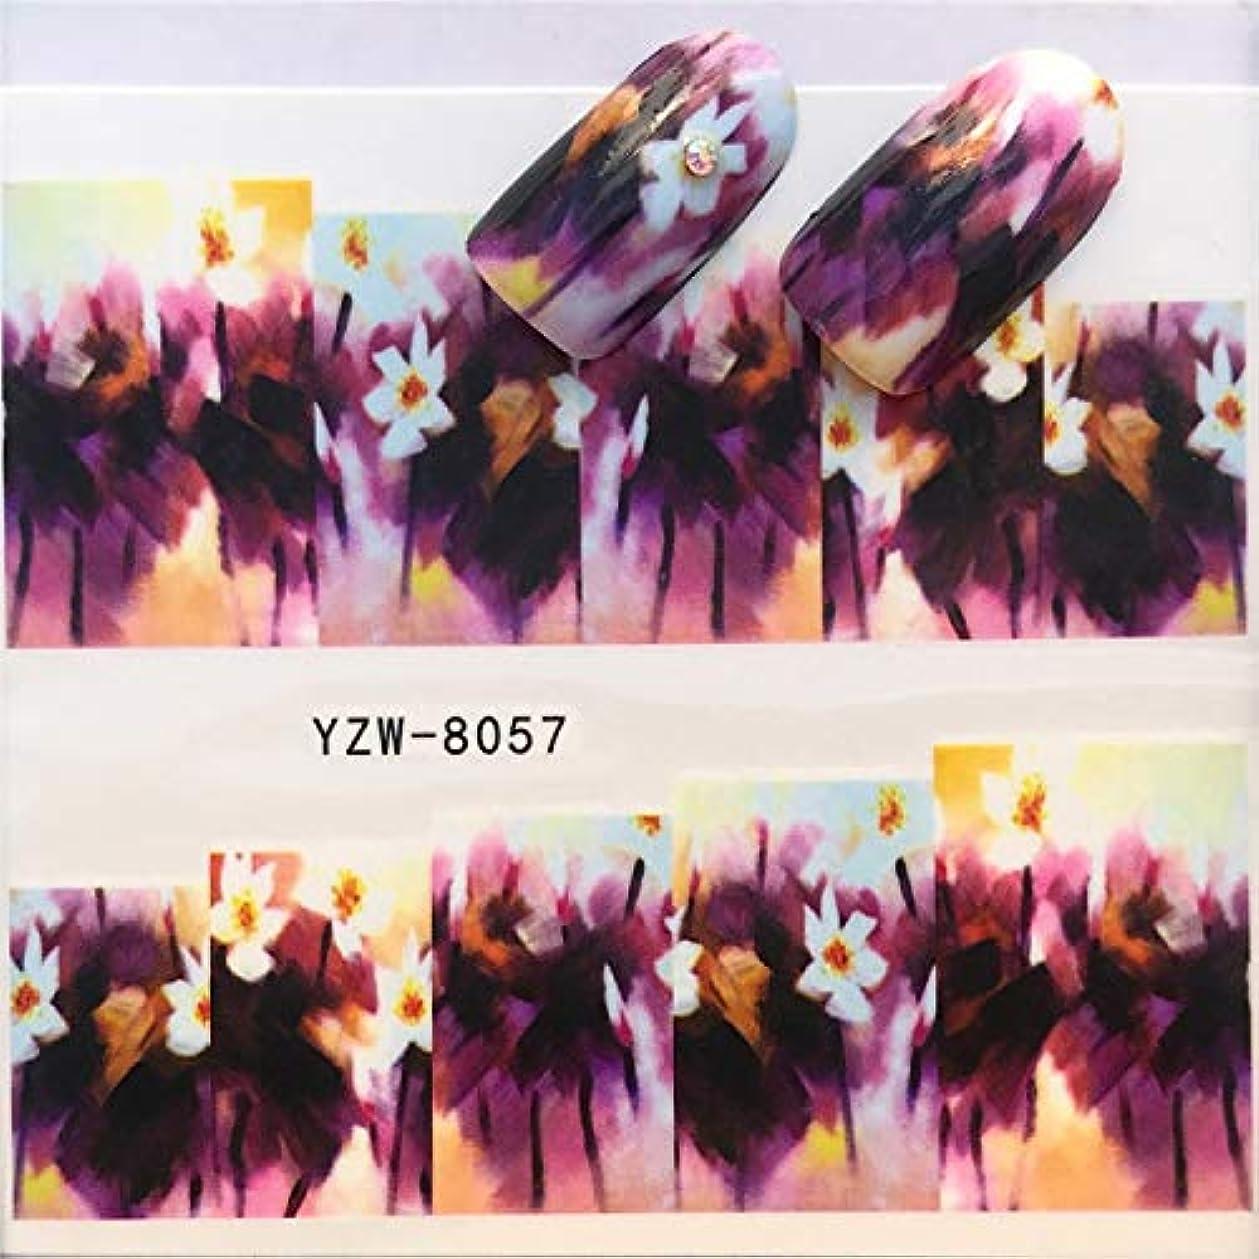 備品対抗引退する手足ビューティーケア 3個ネイルステッカーセットデカール水転写スライダーネイルアートデコレーション、色:YZW 8057